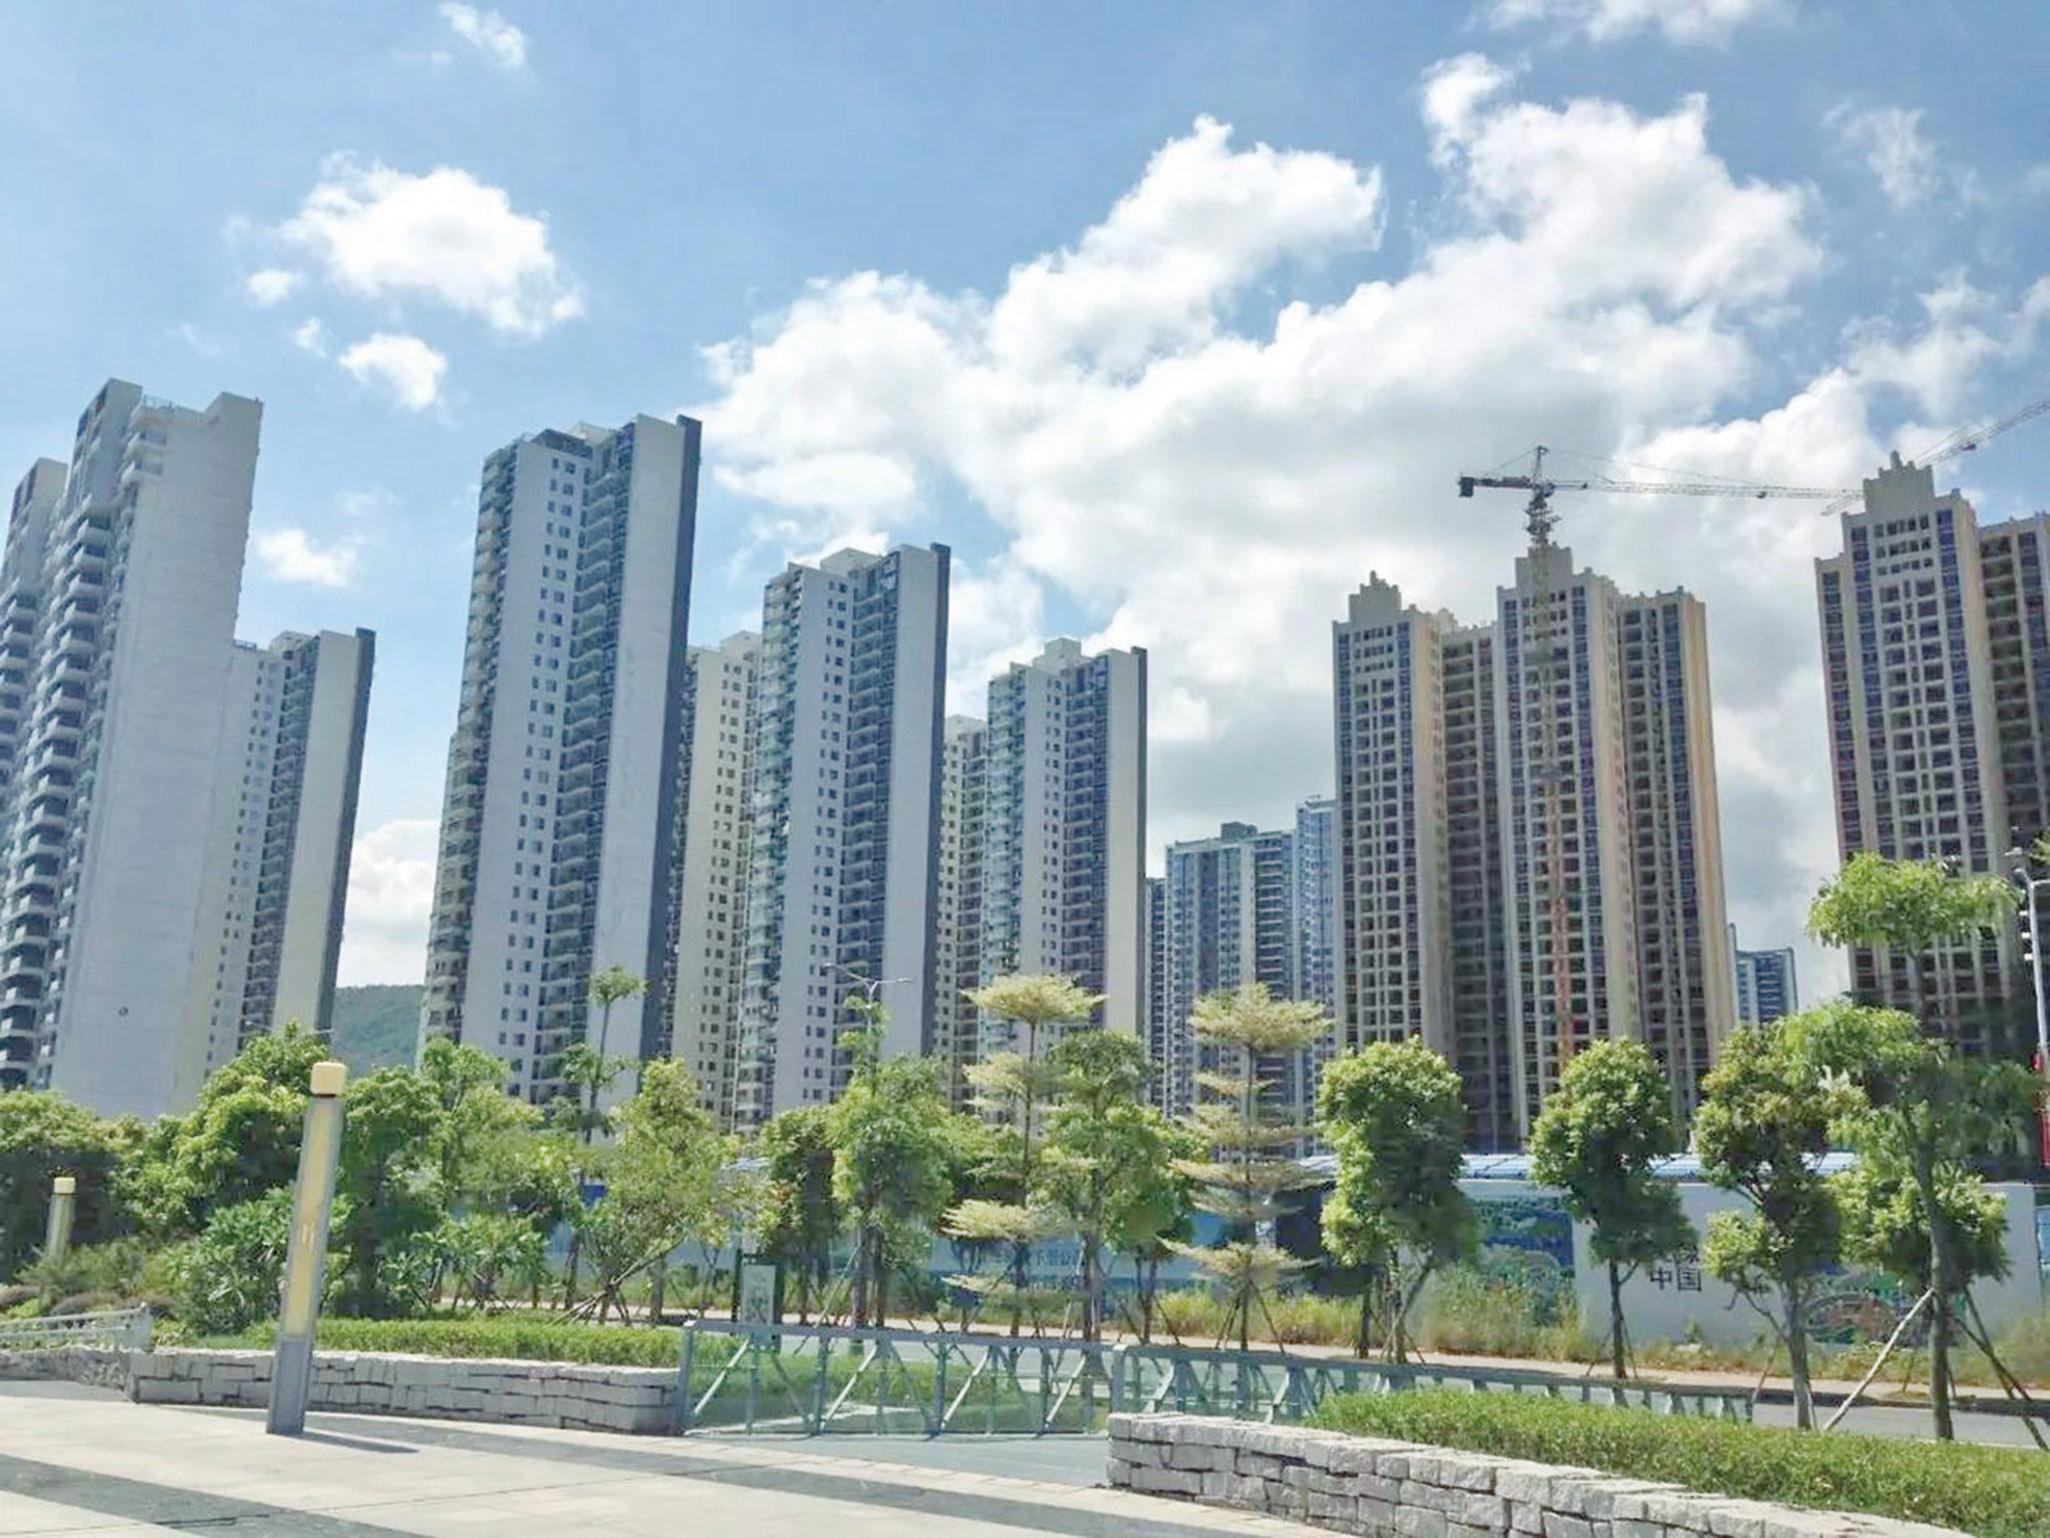 業界:部分城或再低迷調整